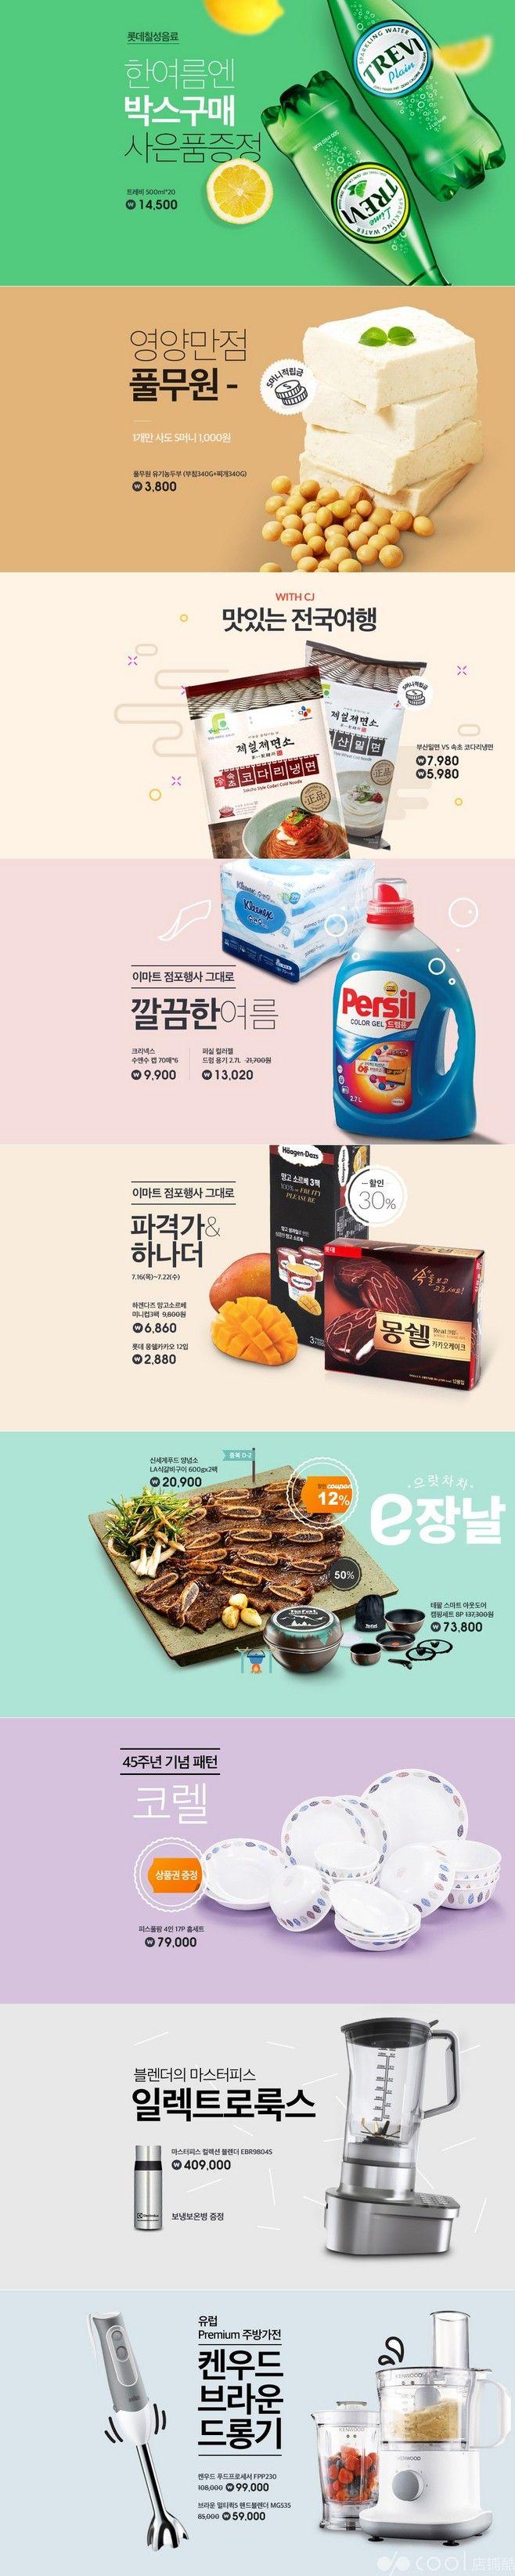 한국 이마트 전기 공급 업체 웹 사이트 홍보 배너 환영합니다 ...